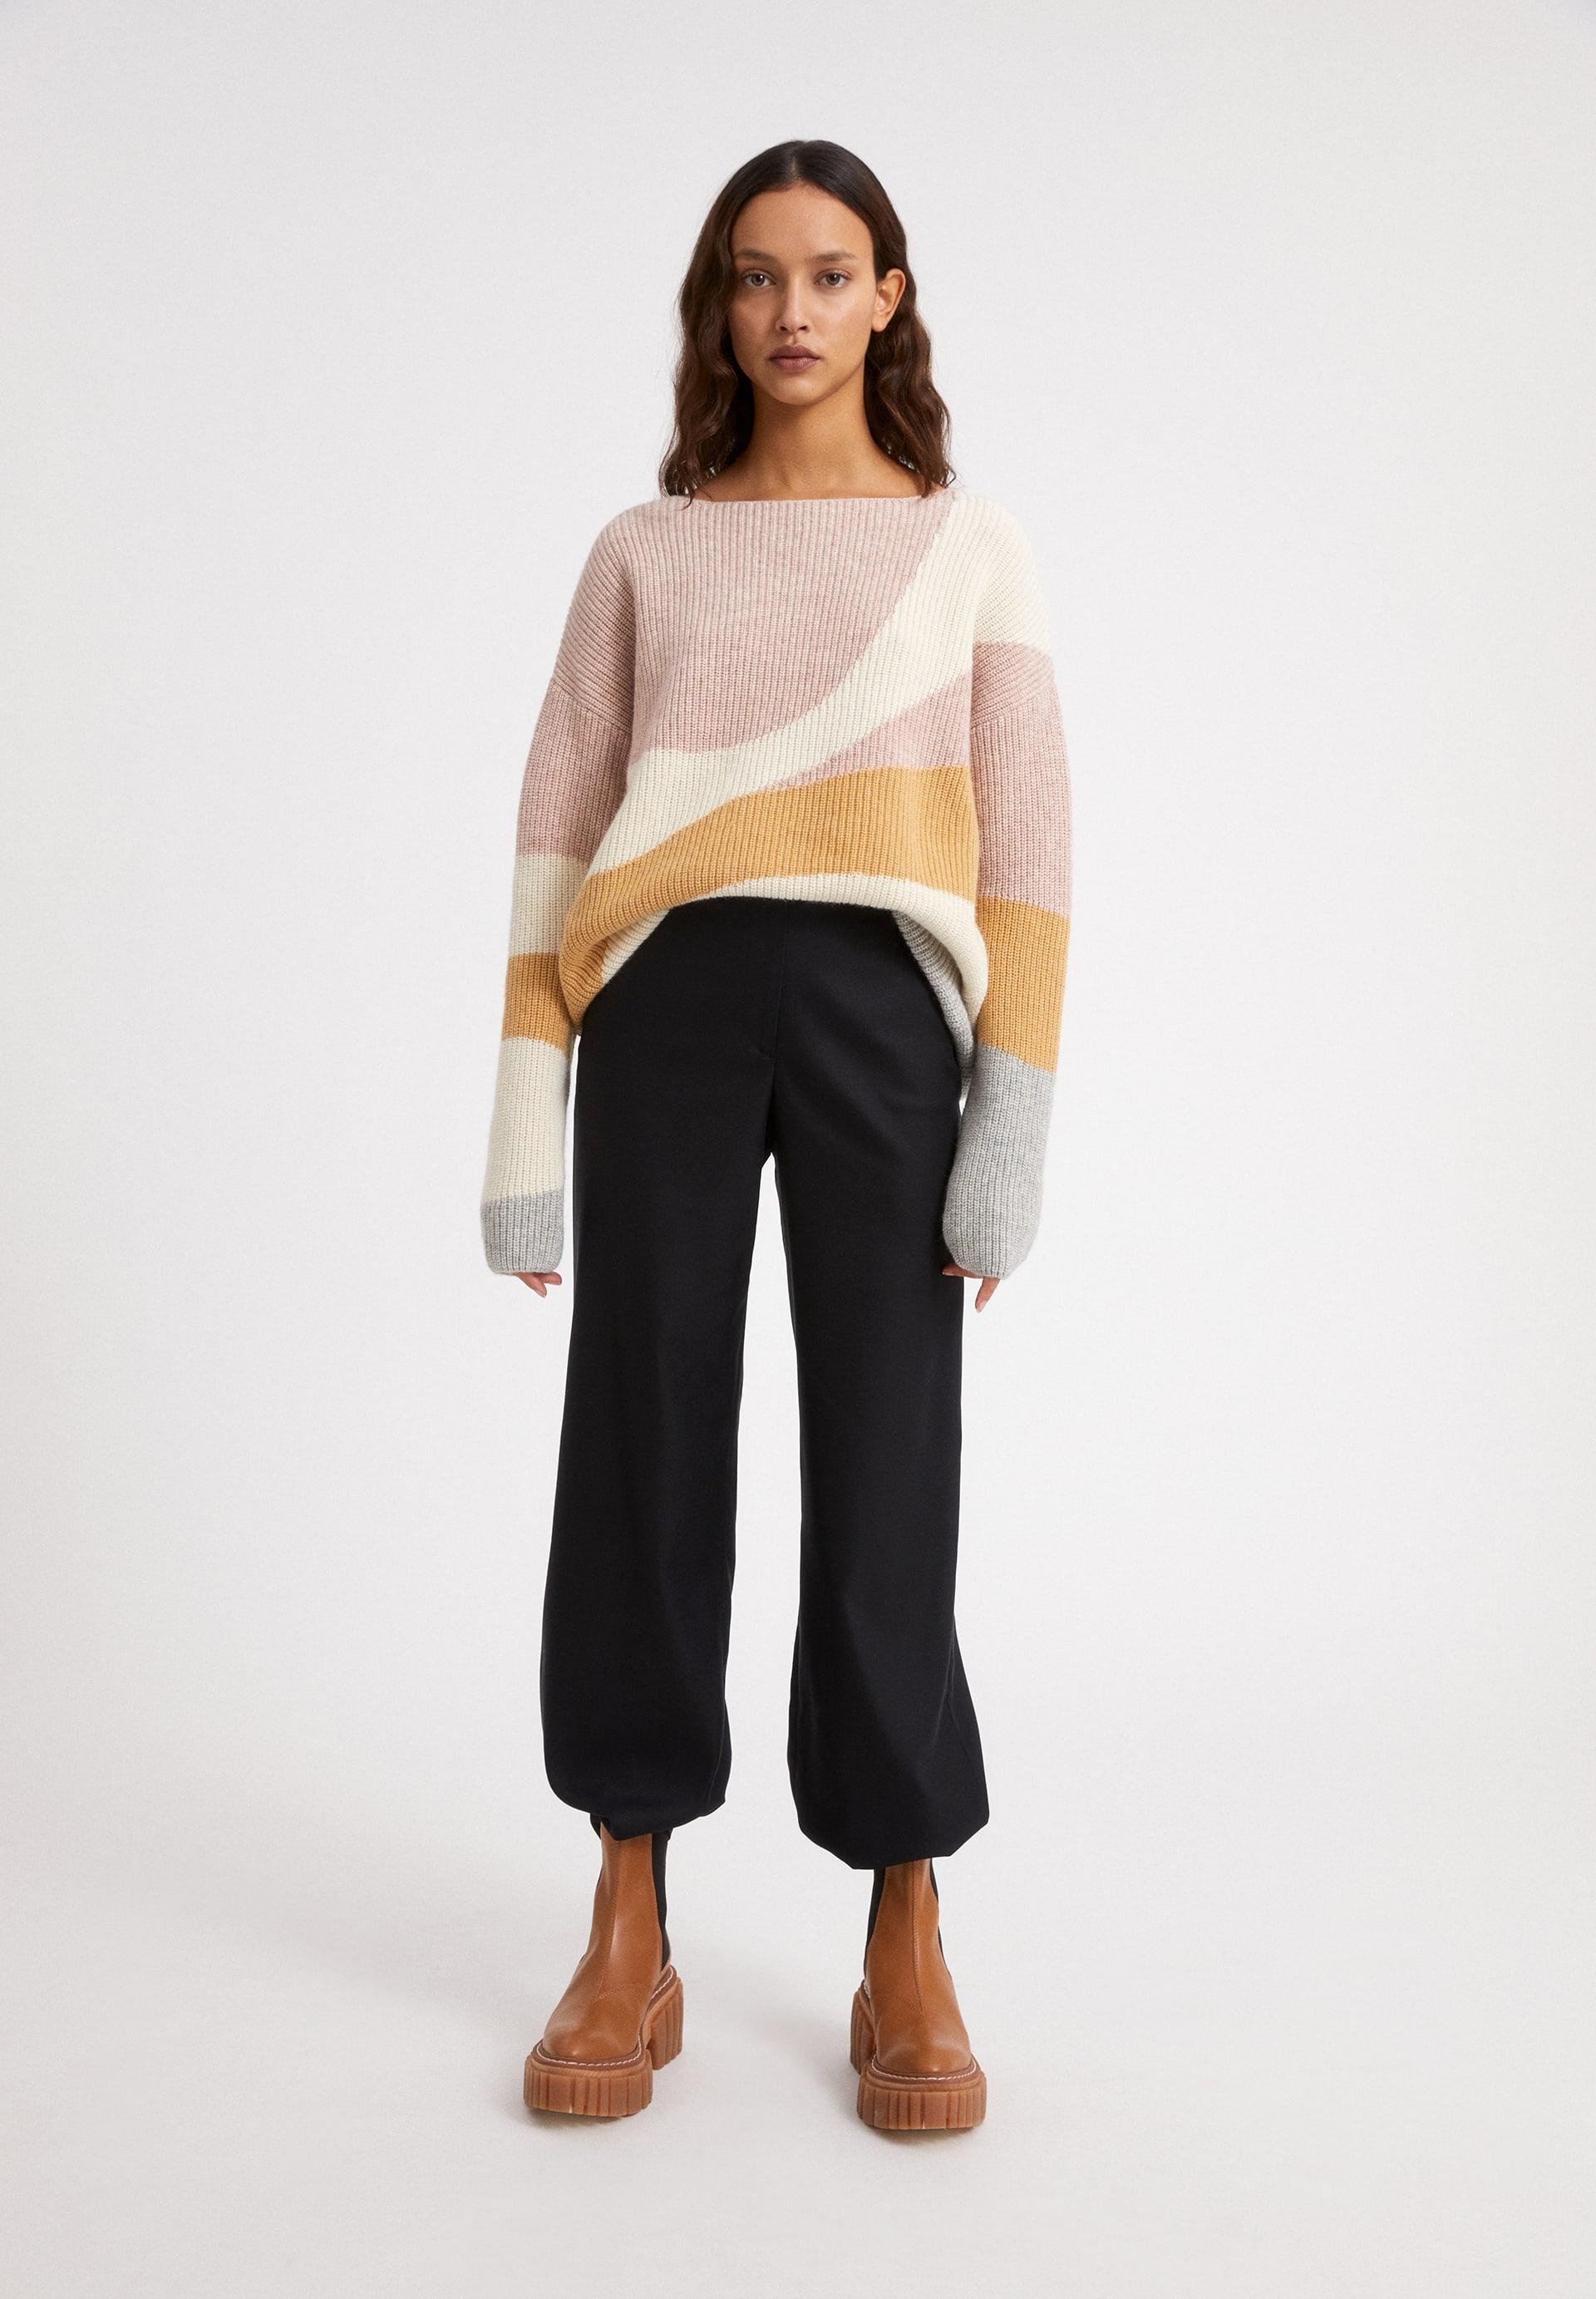 MIYAA SOFT HILLS Sweater made of Organic Wool Mix